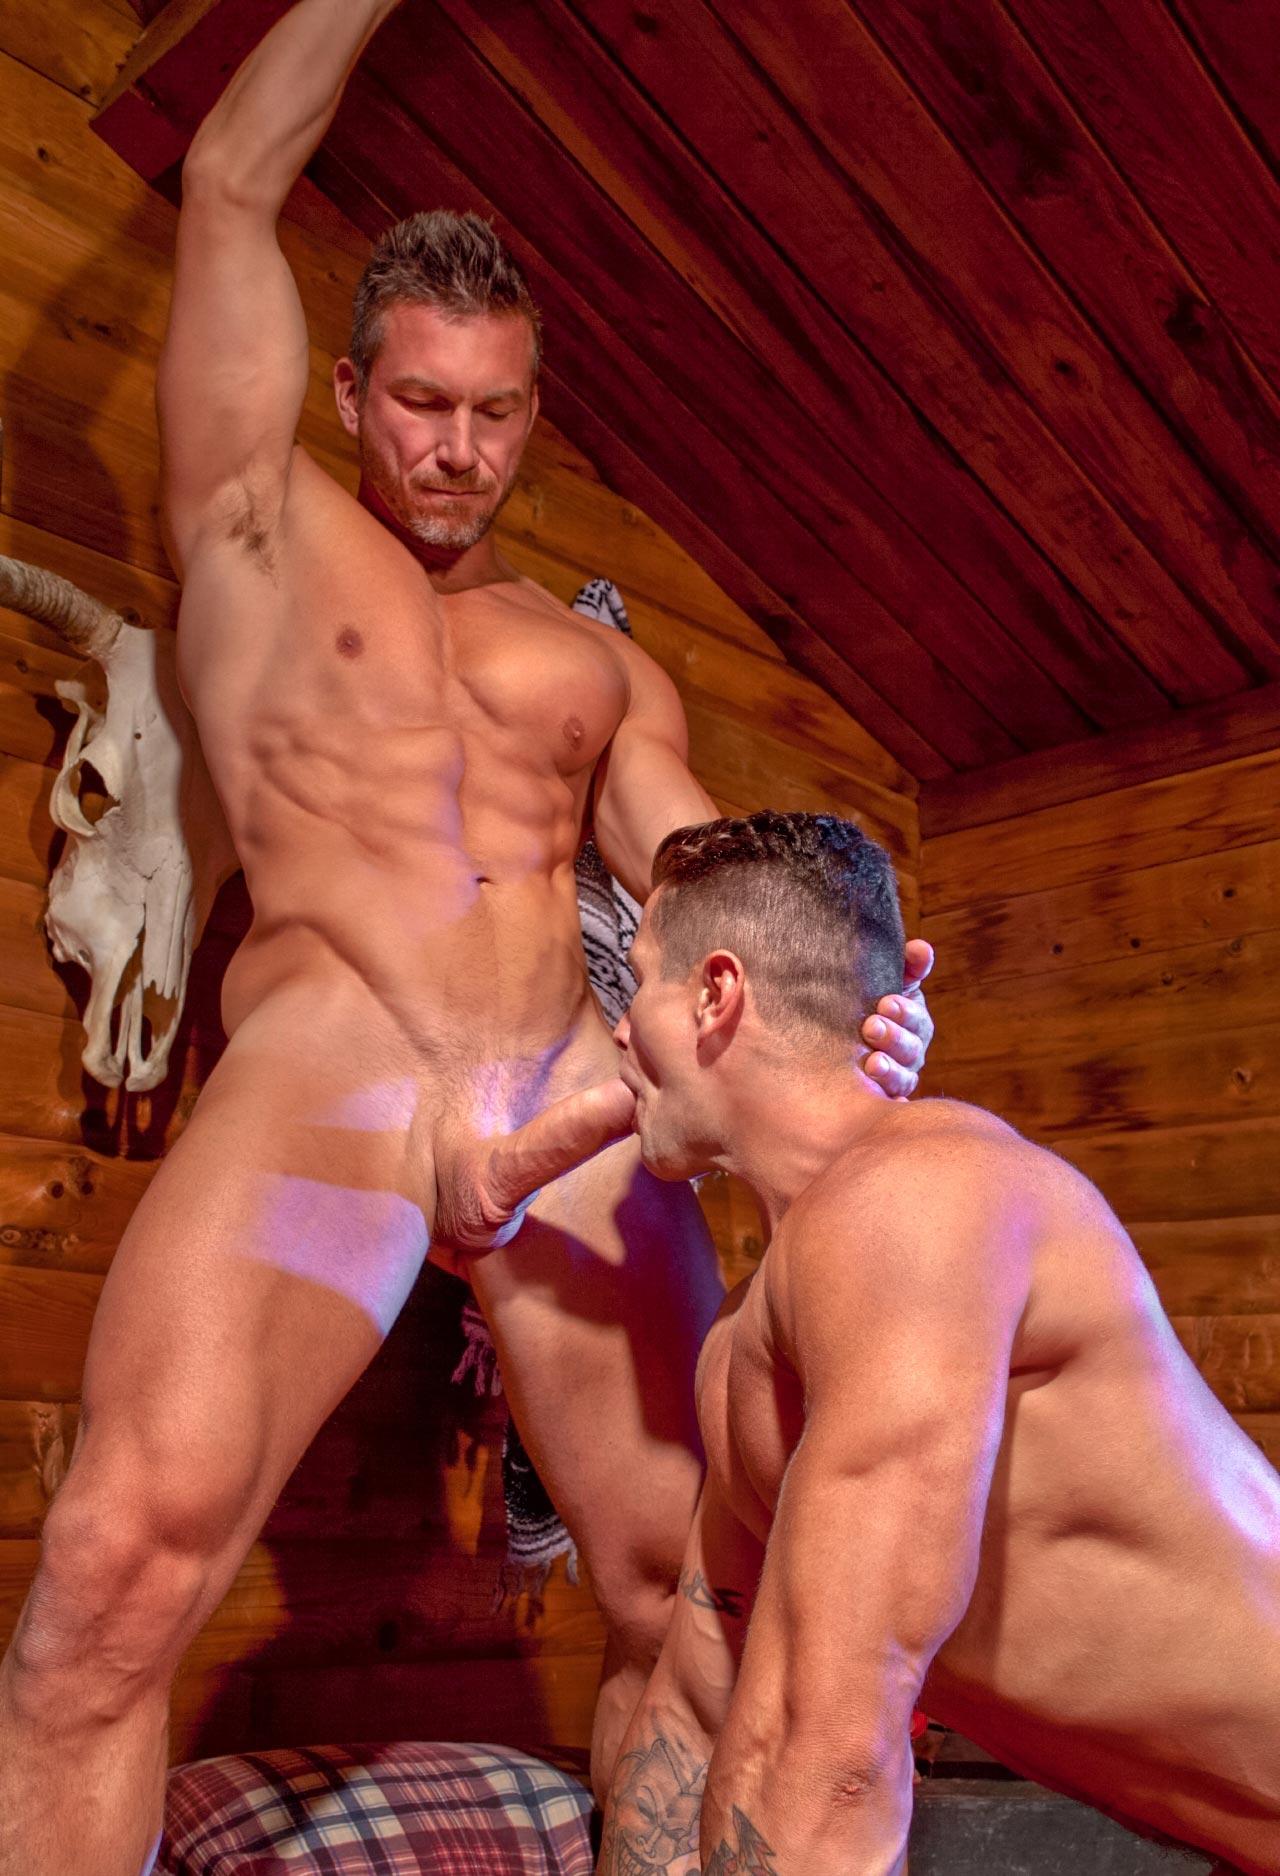 peliculas porno escort madrid gay